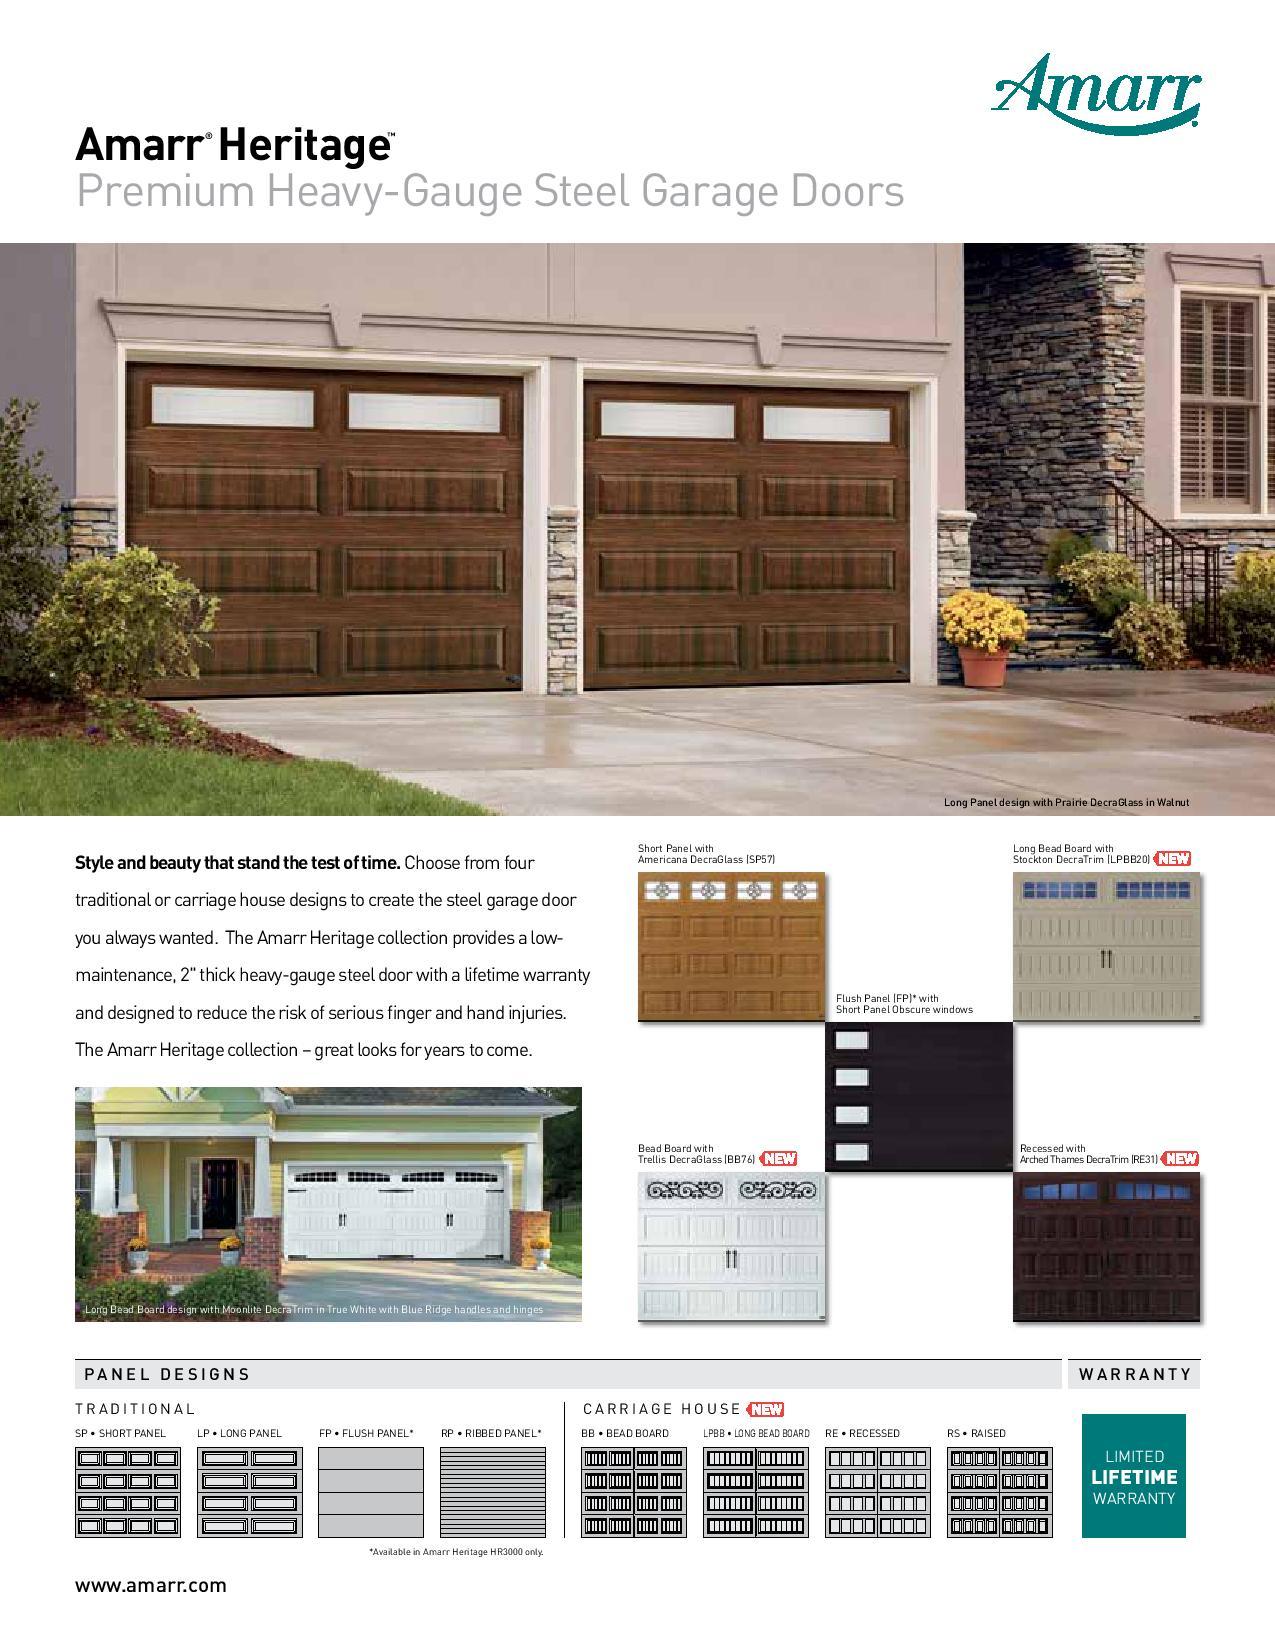 Garage door sales in Calgary